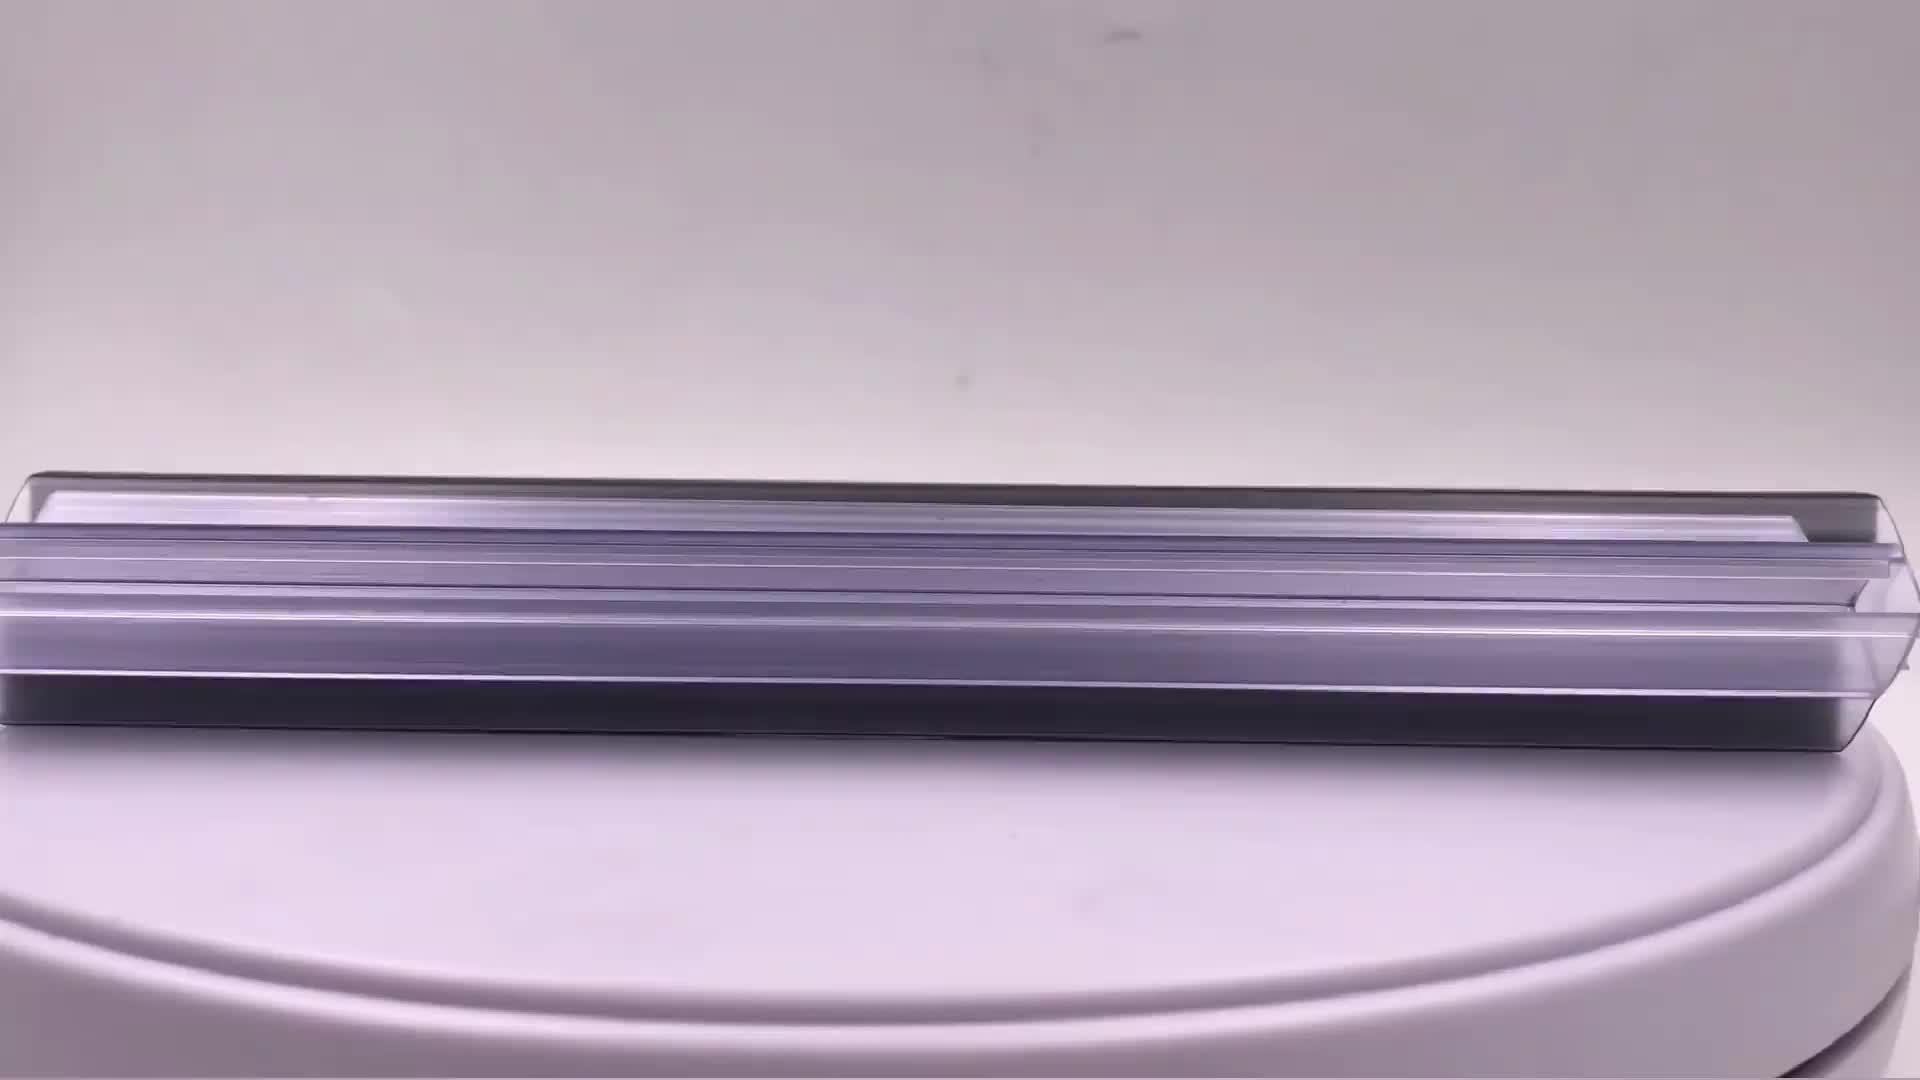 PVC deslizante/chuveiro/porta de aço da tira de vedação à prova d' água